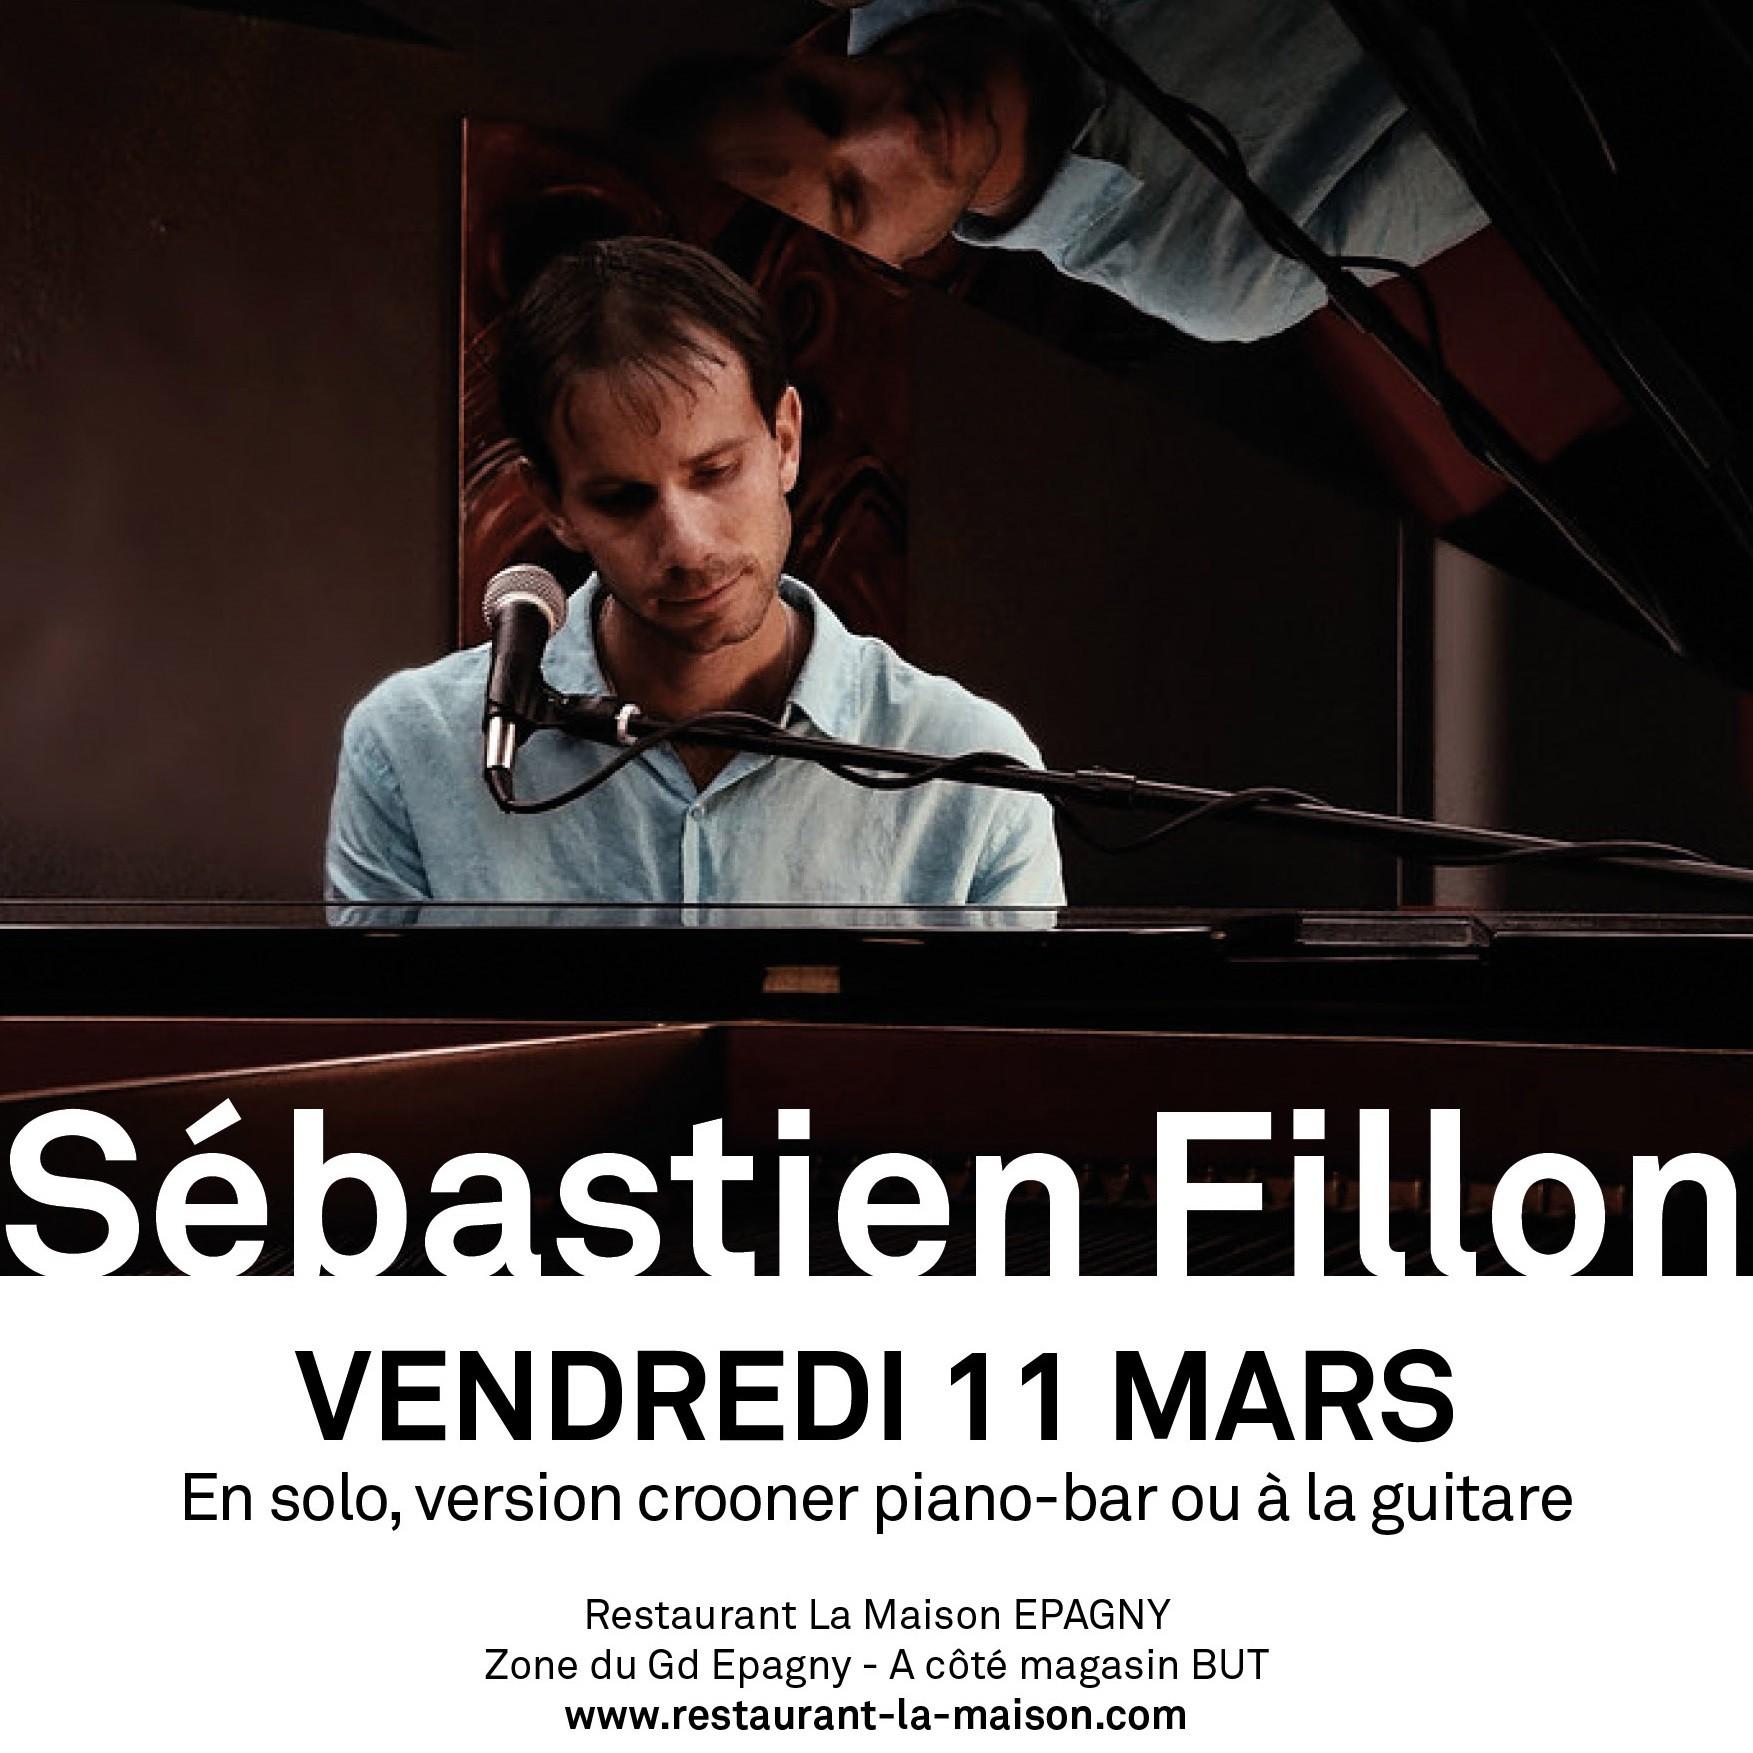 Concert de Sebastien Fillon